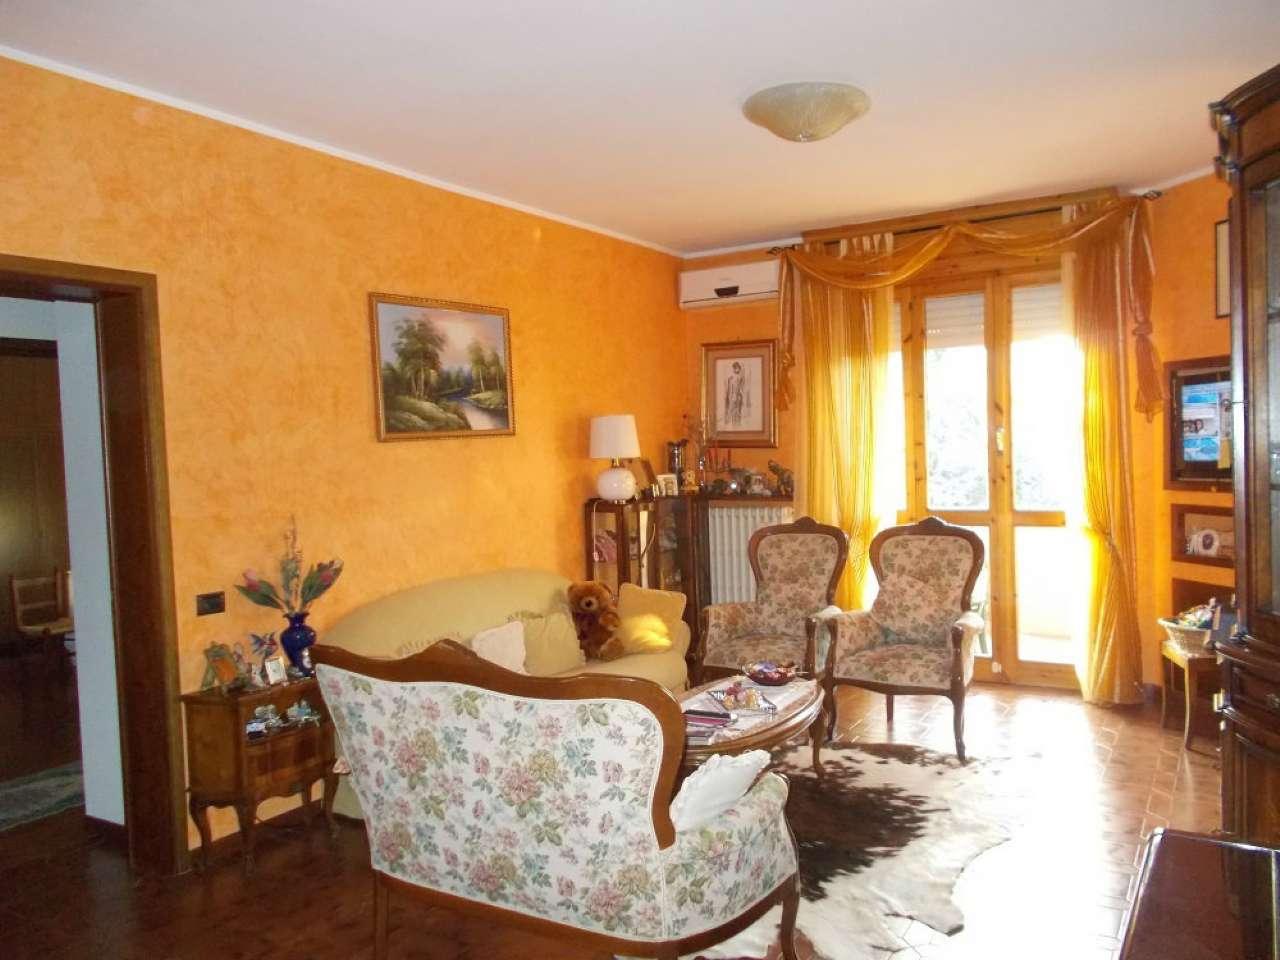 Appartamento in vendita a Quattro Castella, 3 locali, prezzo € 95.000 | CambioCasa.it